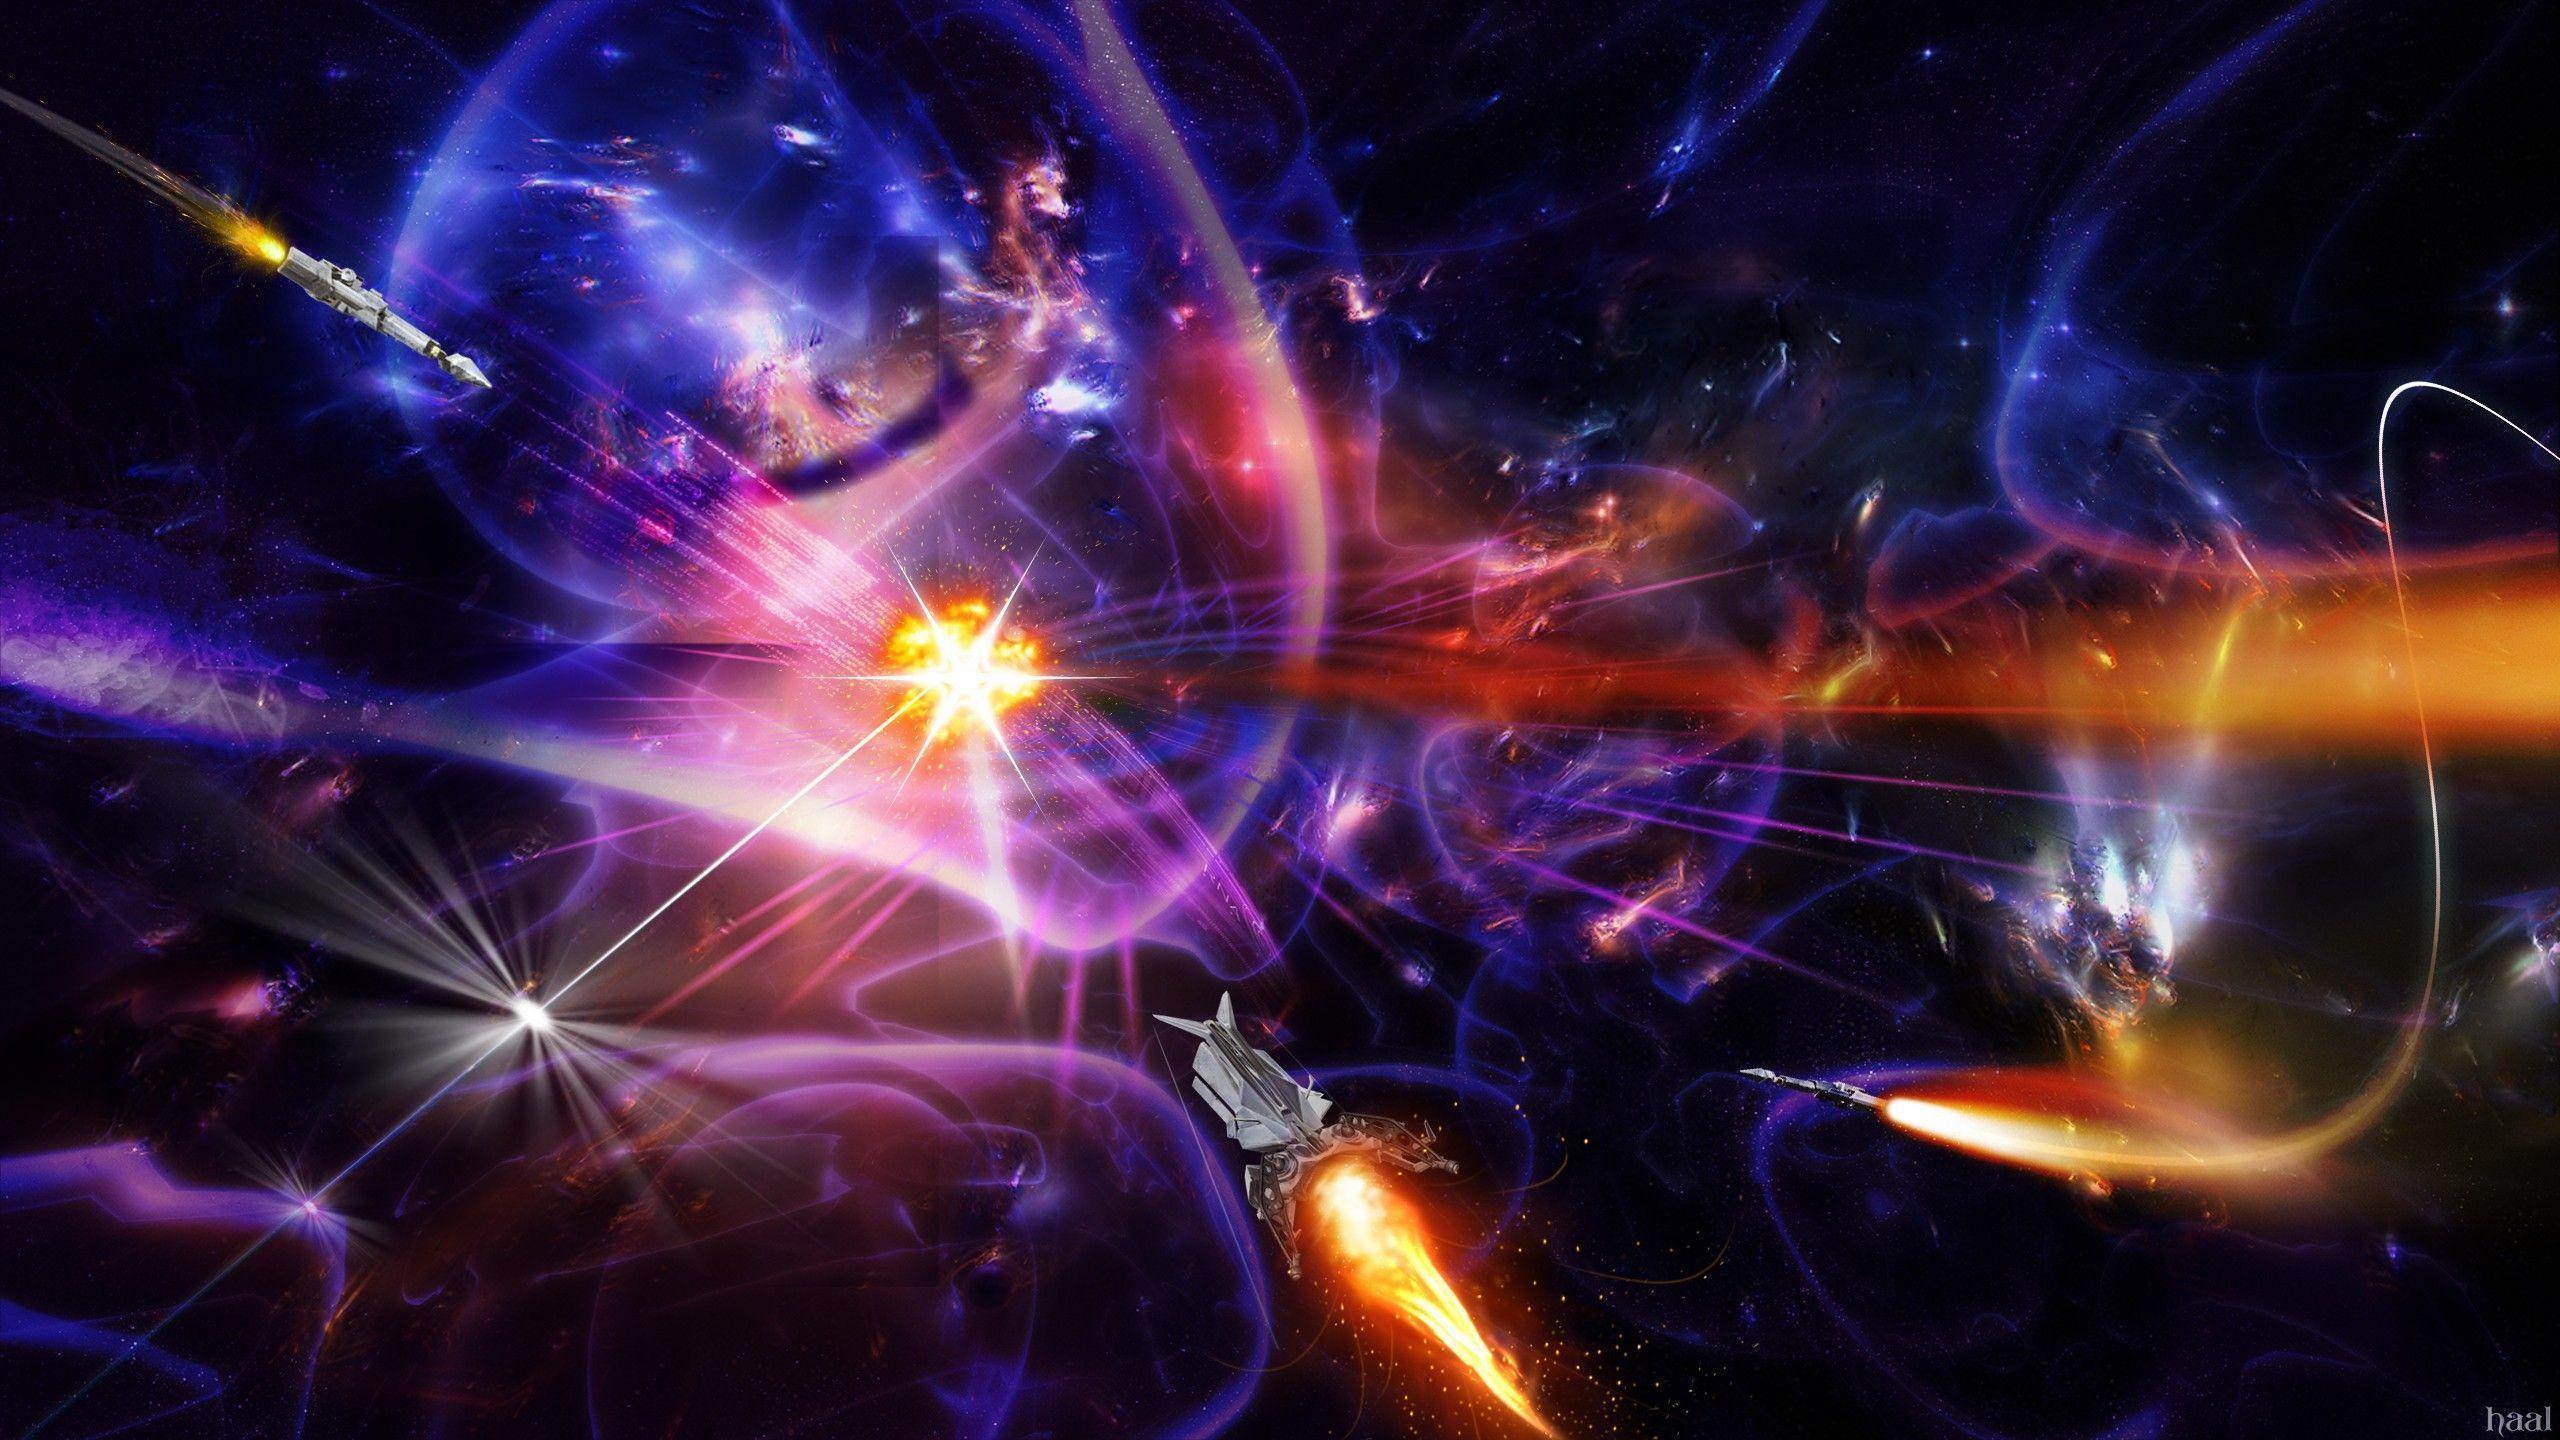 Spaceship wallpaper - 1052998